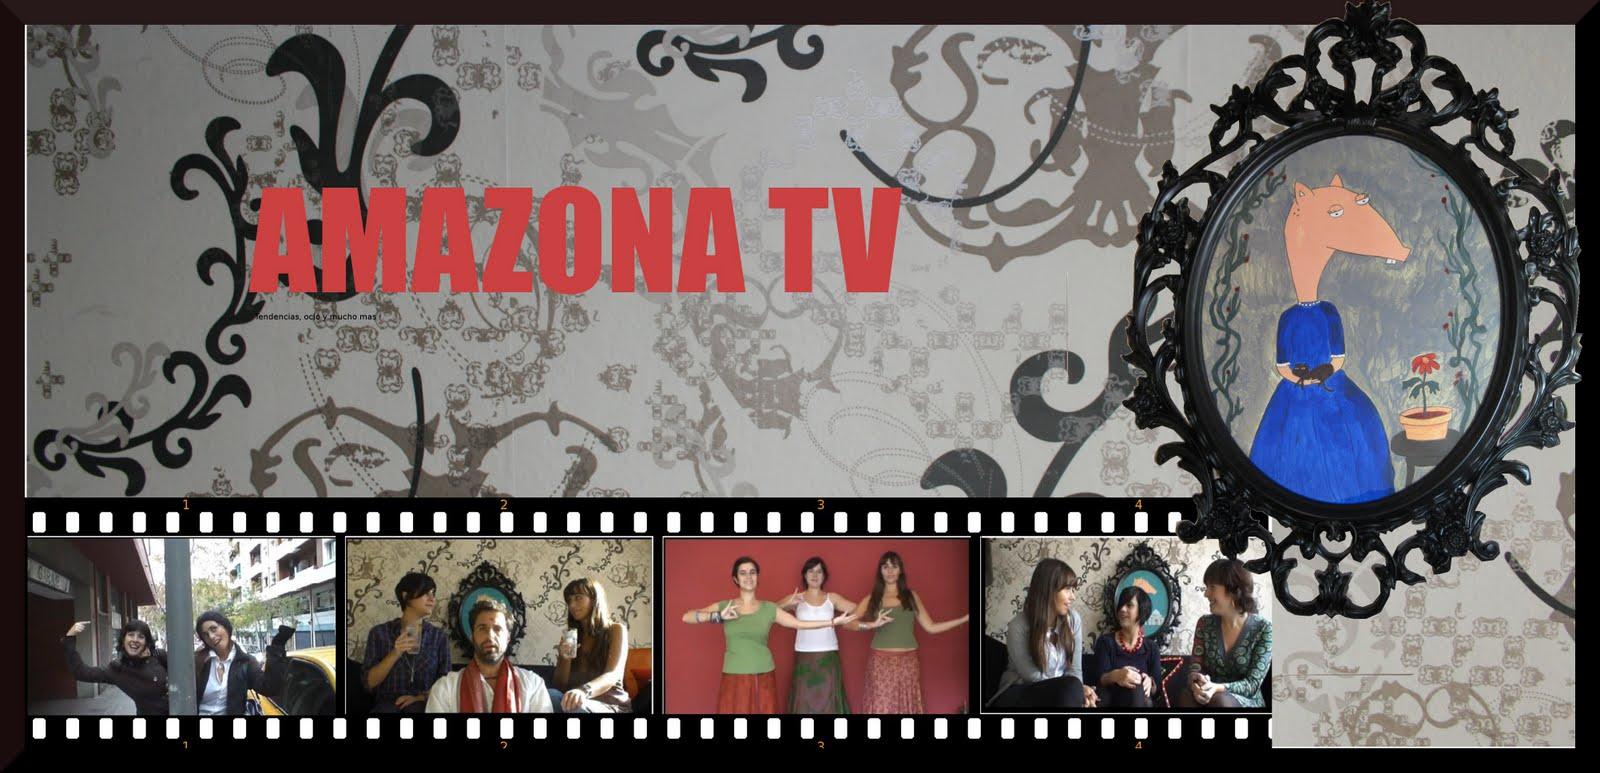 Amazona TV